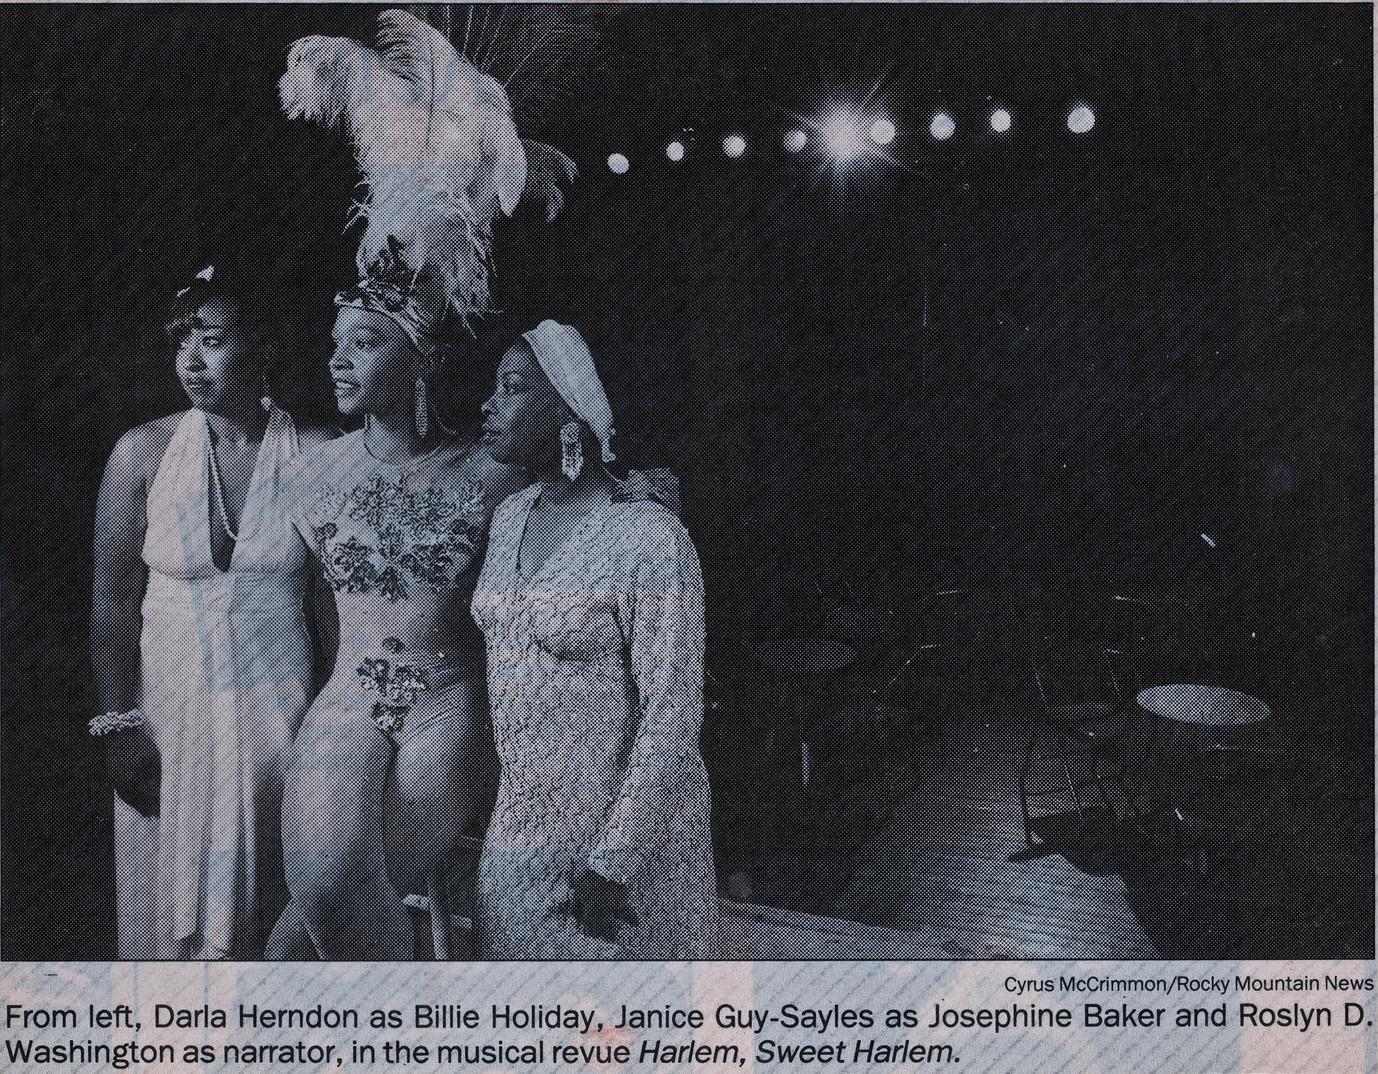 Eulip Harlem Sweet Harlem - Copy.jpeg